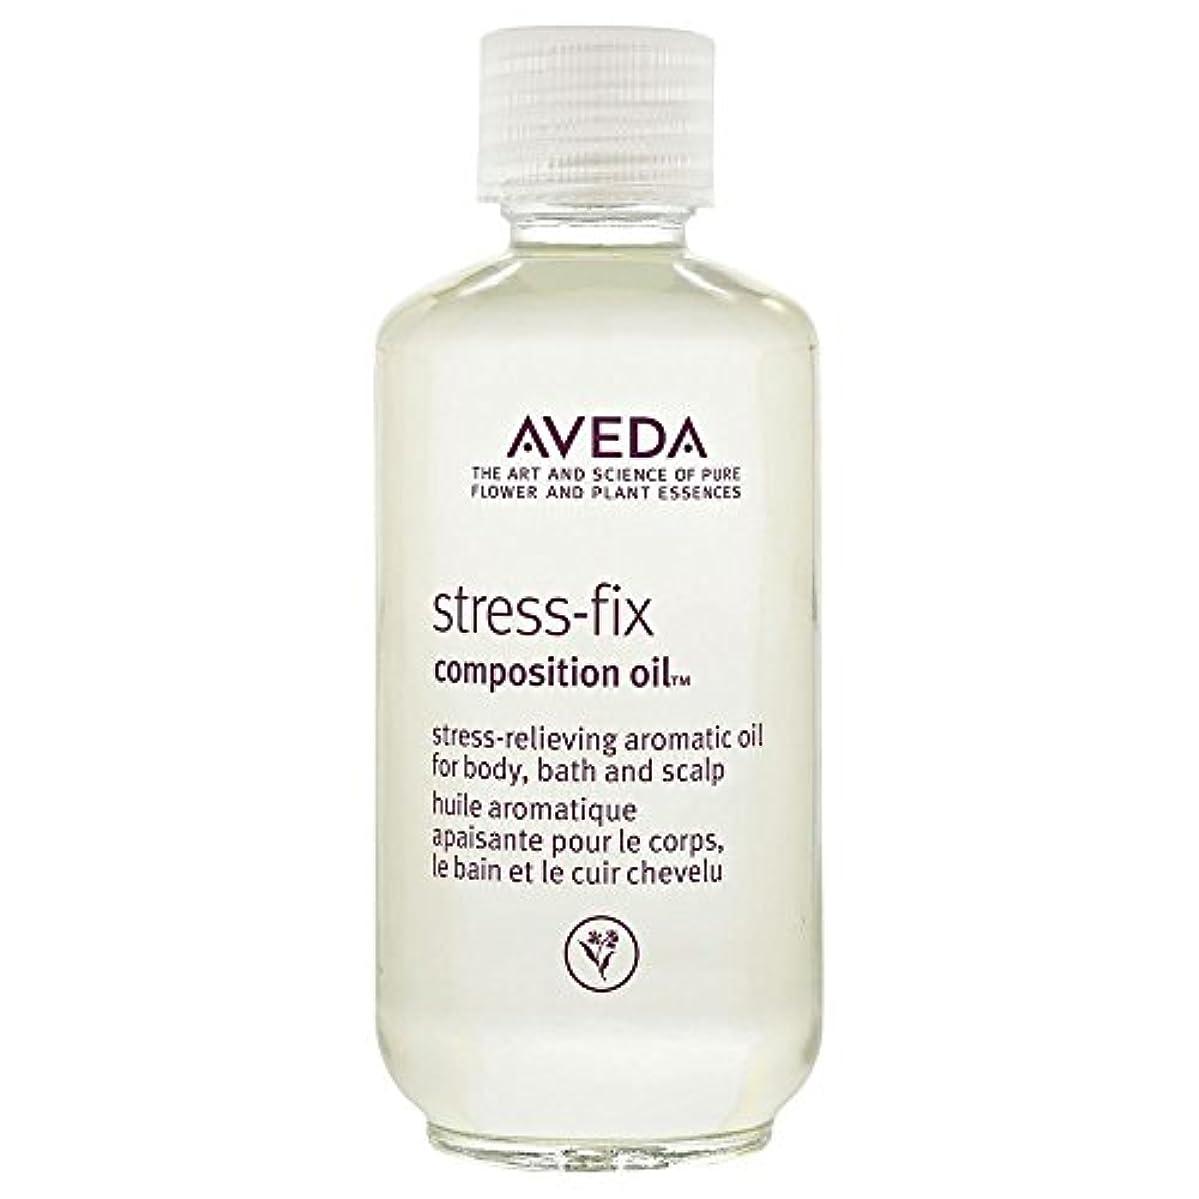 情熱的助けになる不適[AVEDA] アヴェダストレスフィックス組成オイル50ミリリットル - Aveda Stress Fix Composition Oil 50ml [並行輸入品]